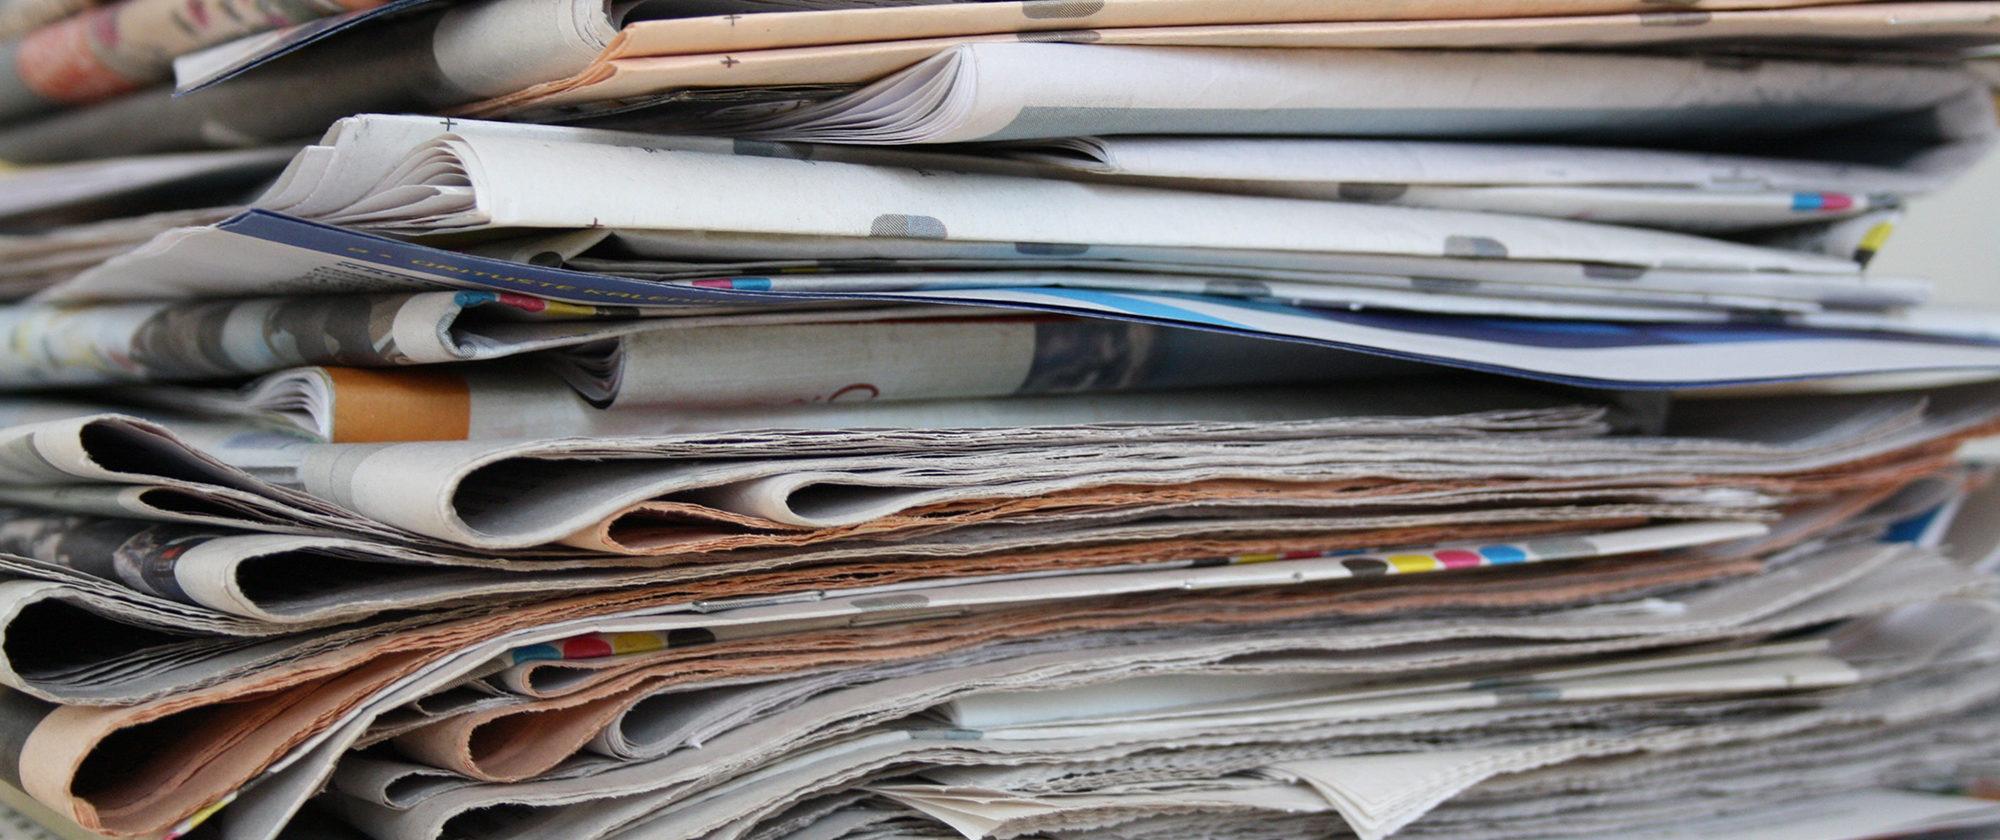 Els mitjans de comunicació tenen un gran potencial d'influència en la formació d'opinions i actituds. L'Informe Quiral ha analitzat la visió de gènere d'aquests respecte a temes de salut.